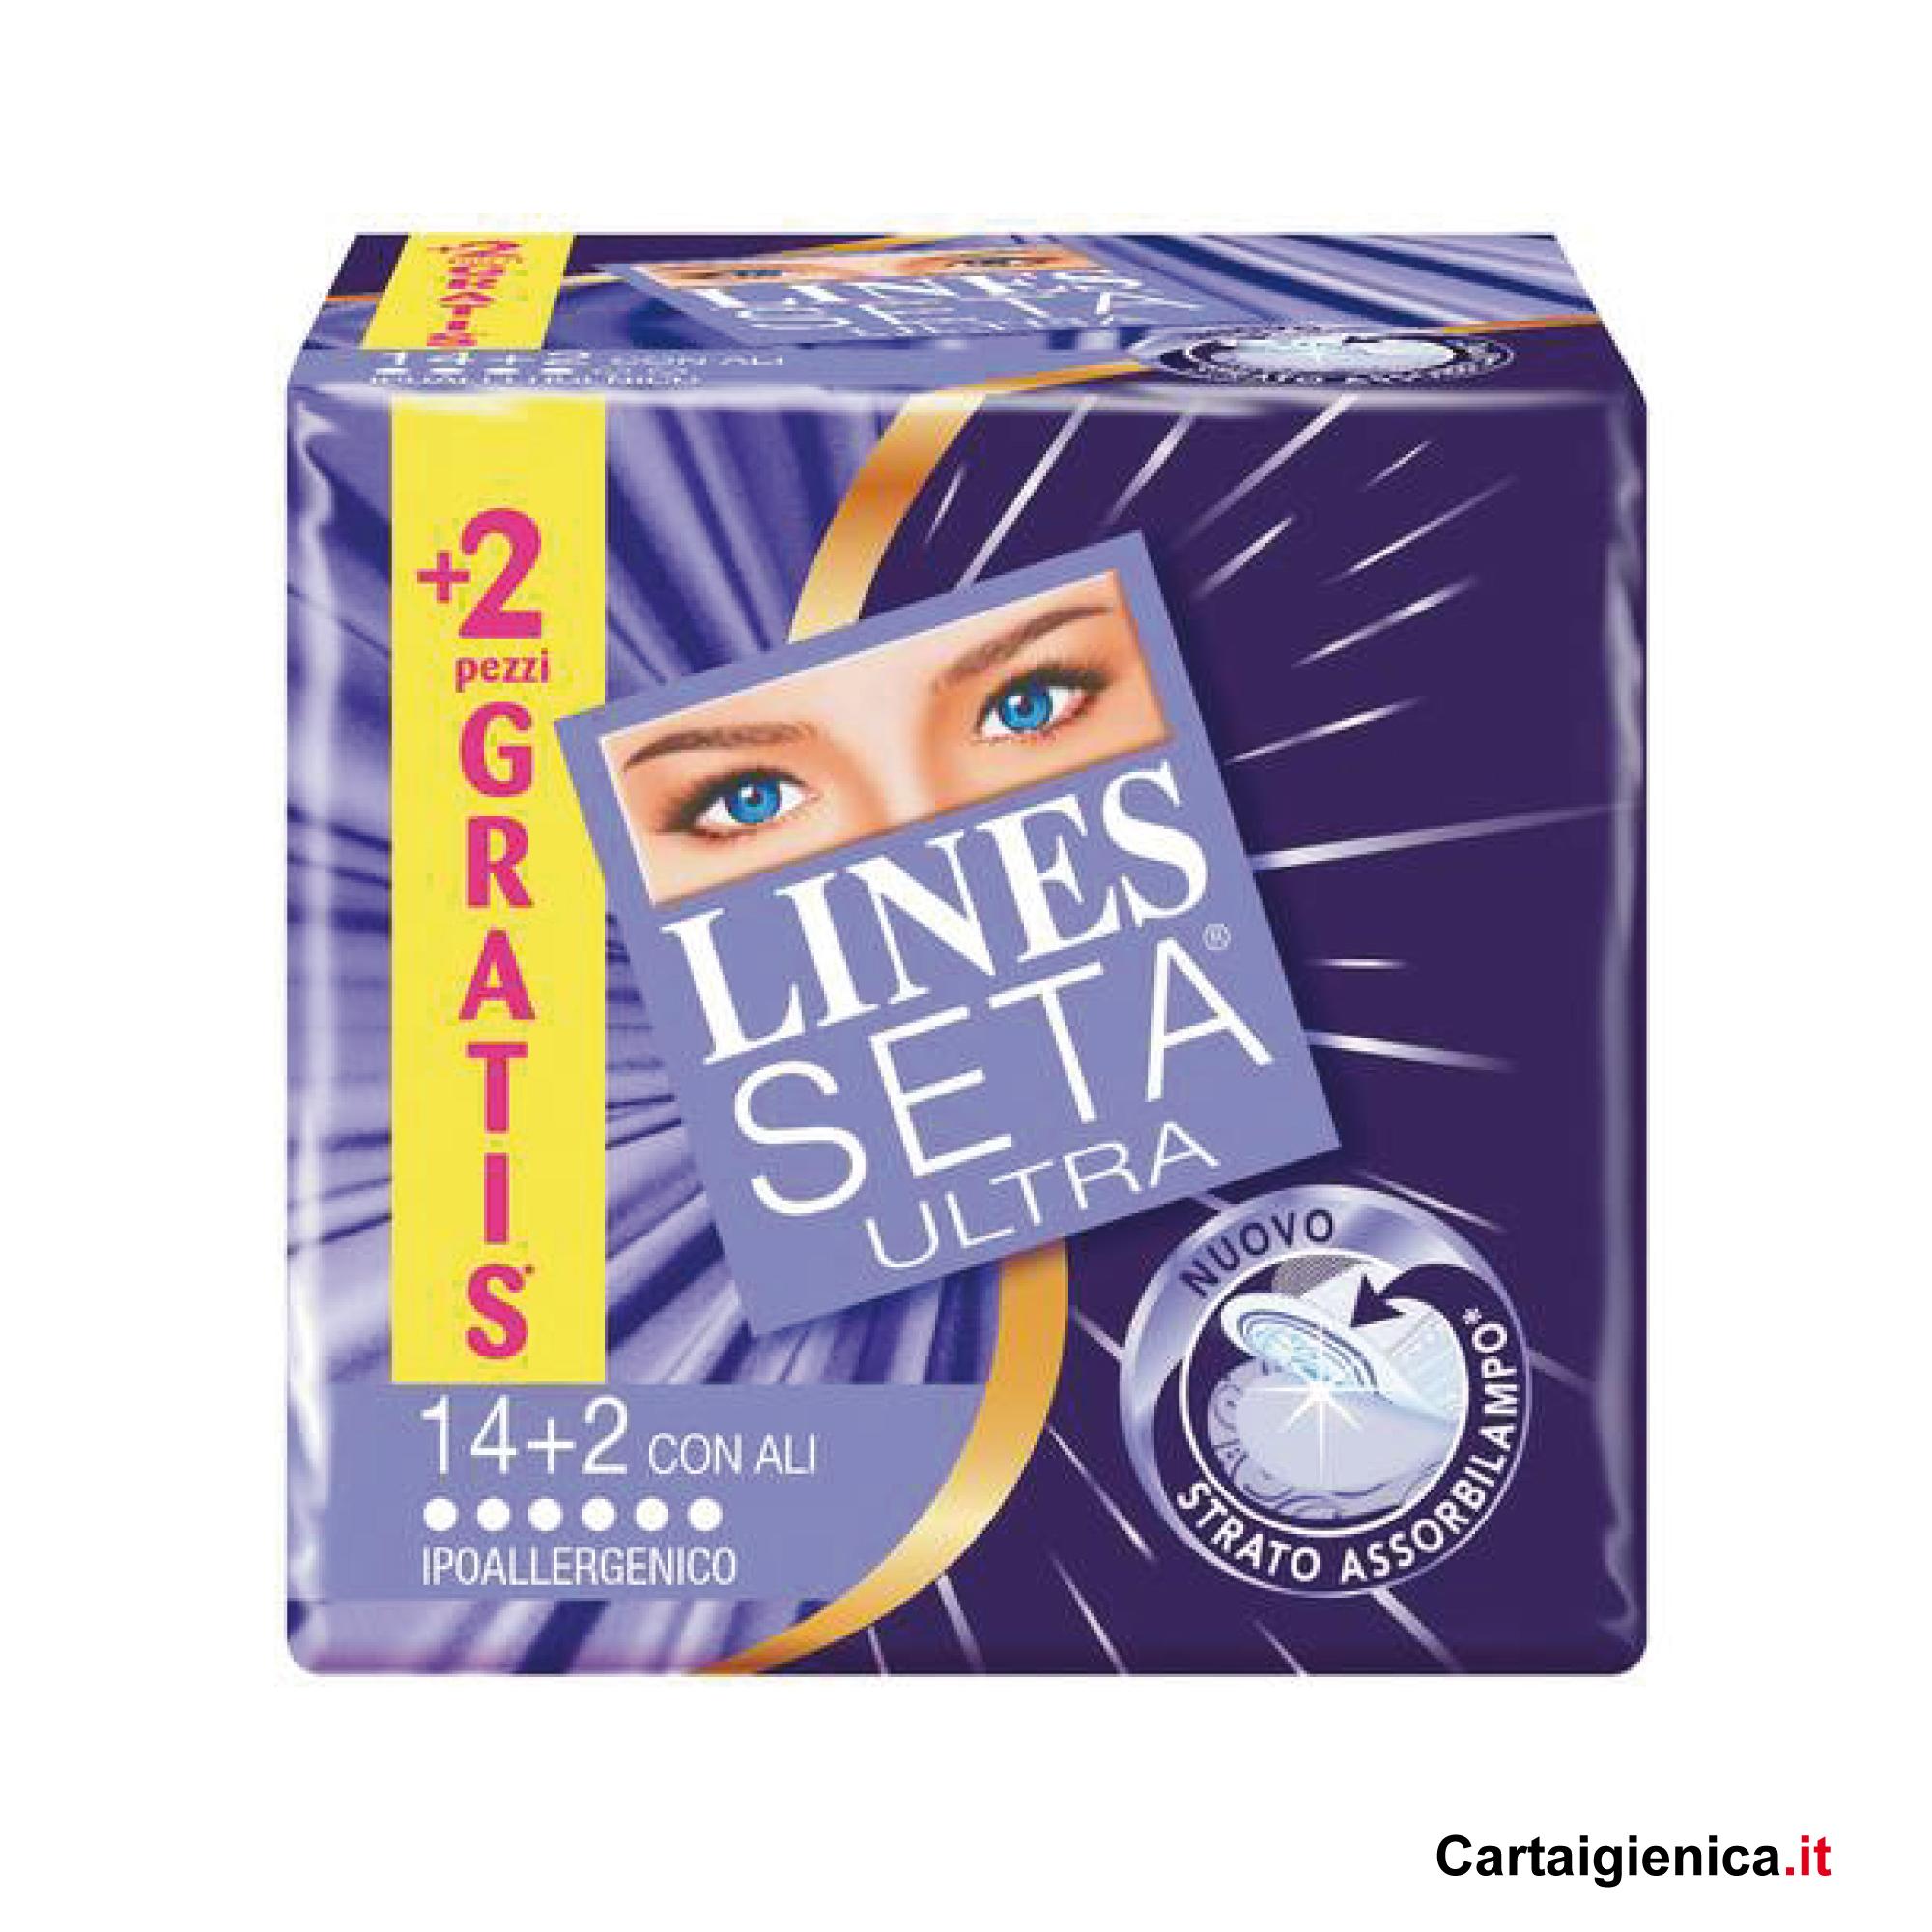 lines seta ultra con ali 14+2 assorbenti 1 pacco